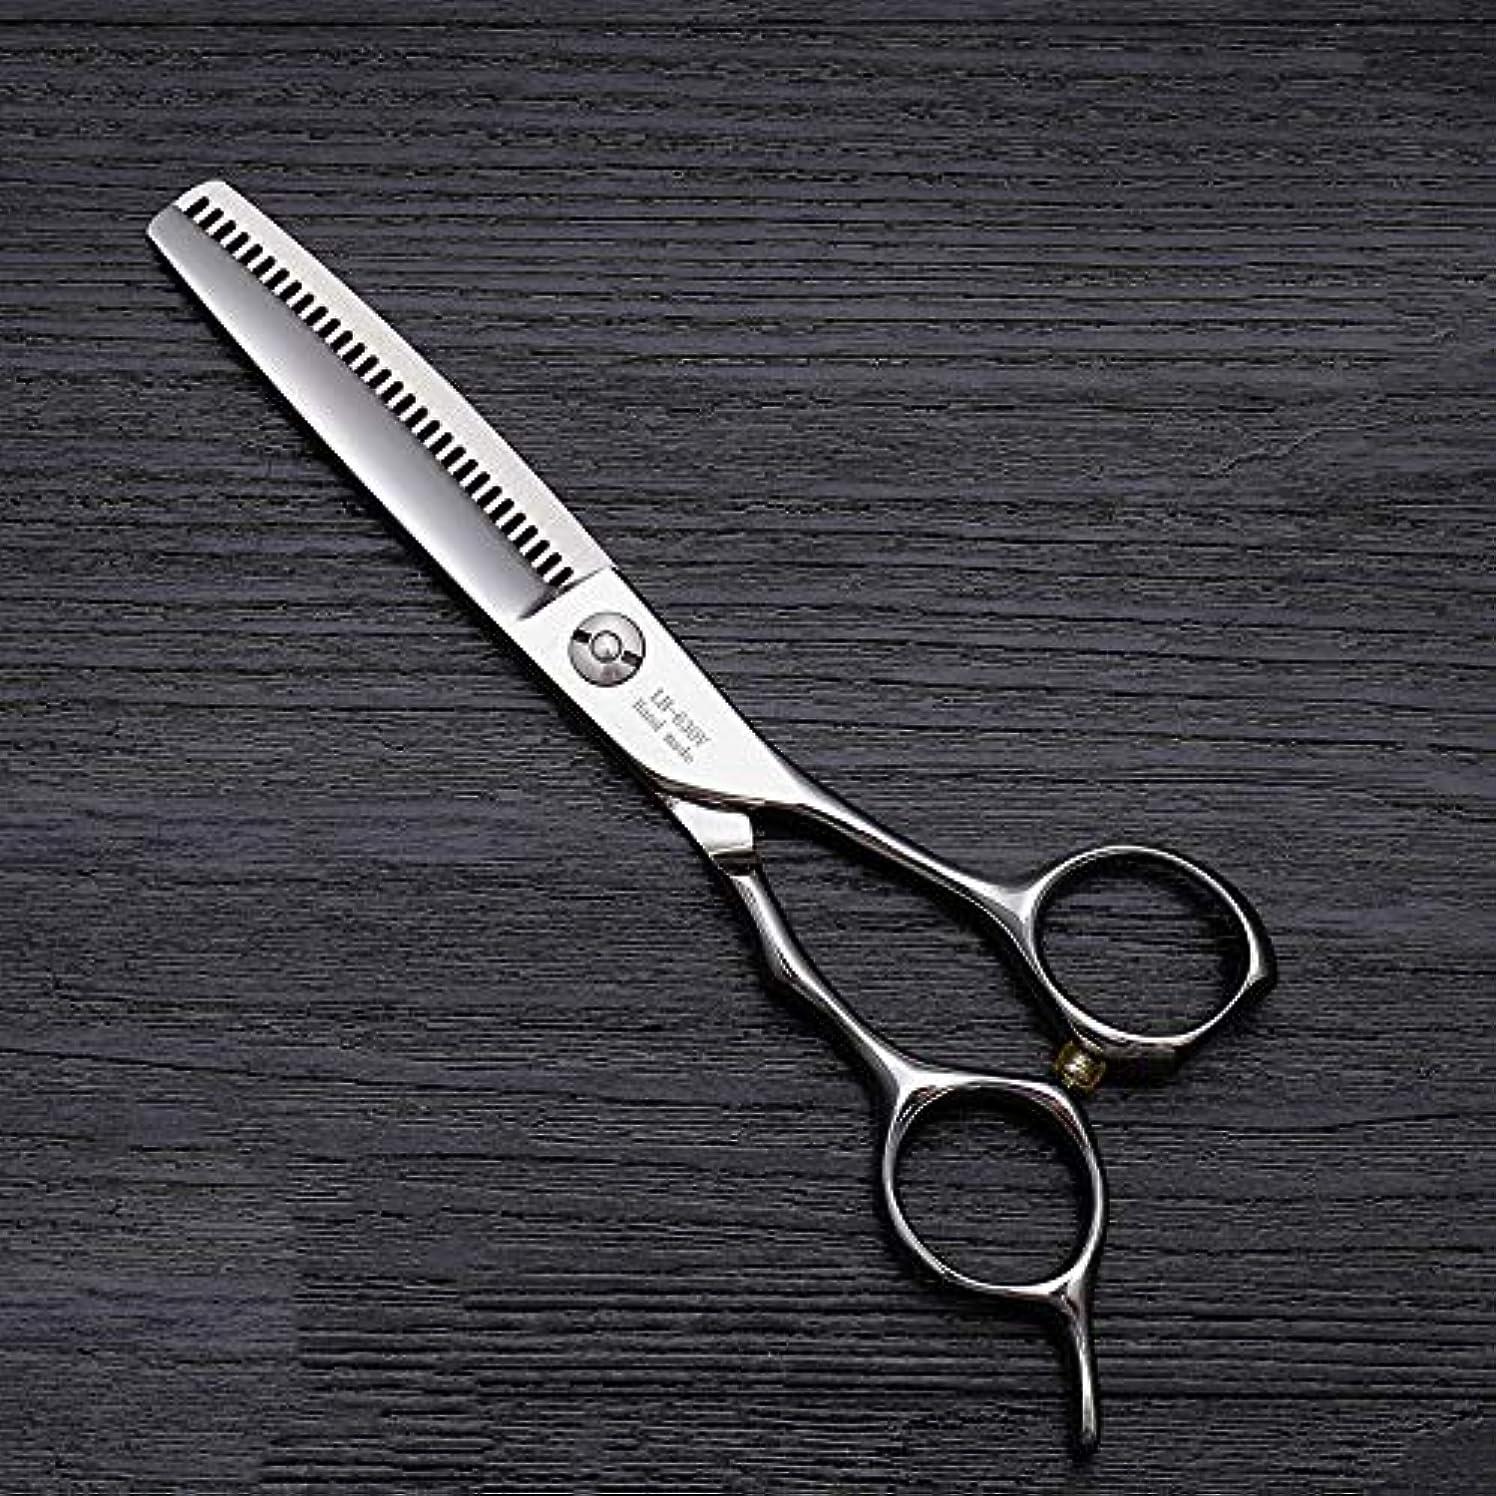 一回花輪シロクマ6インチのヘアカットはさみ、ハイエンドの美容院の特別な髪のヘアカットはさみ モデリングツール (色 : Silver)